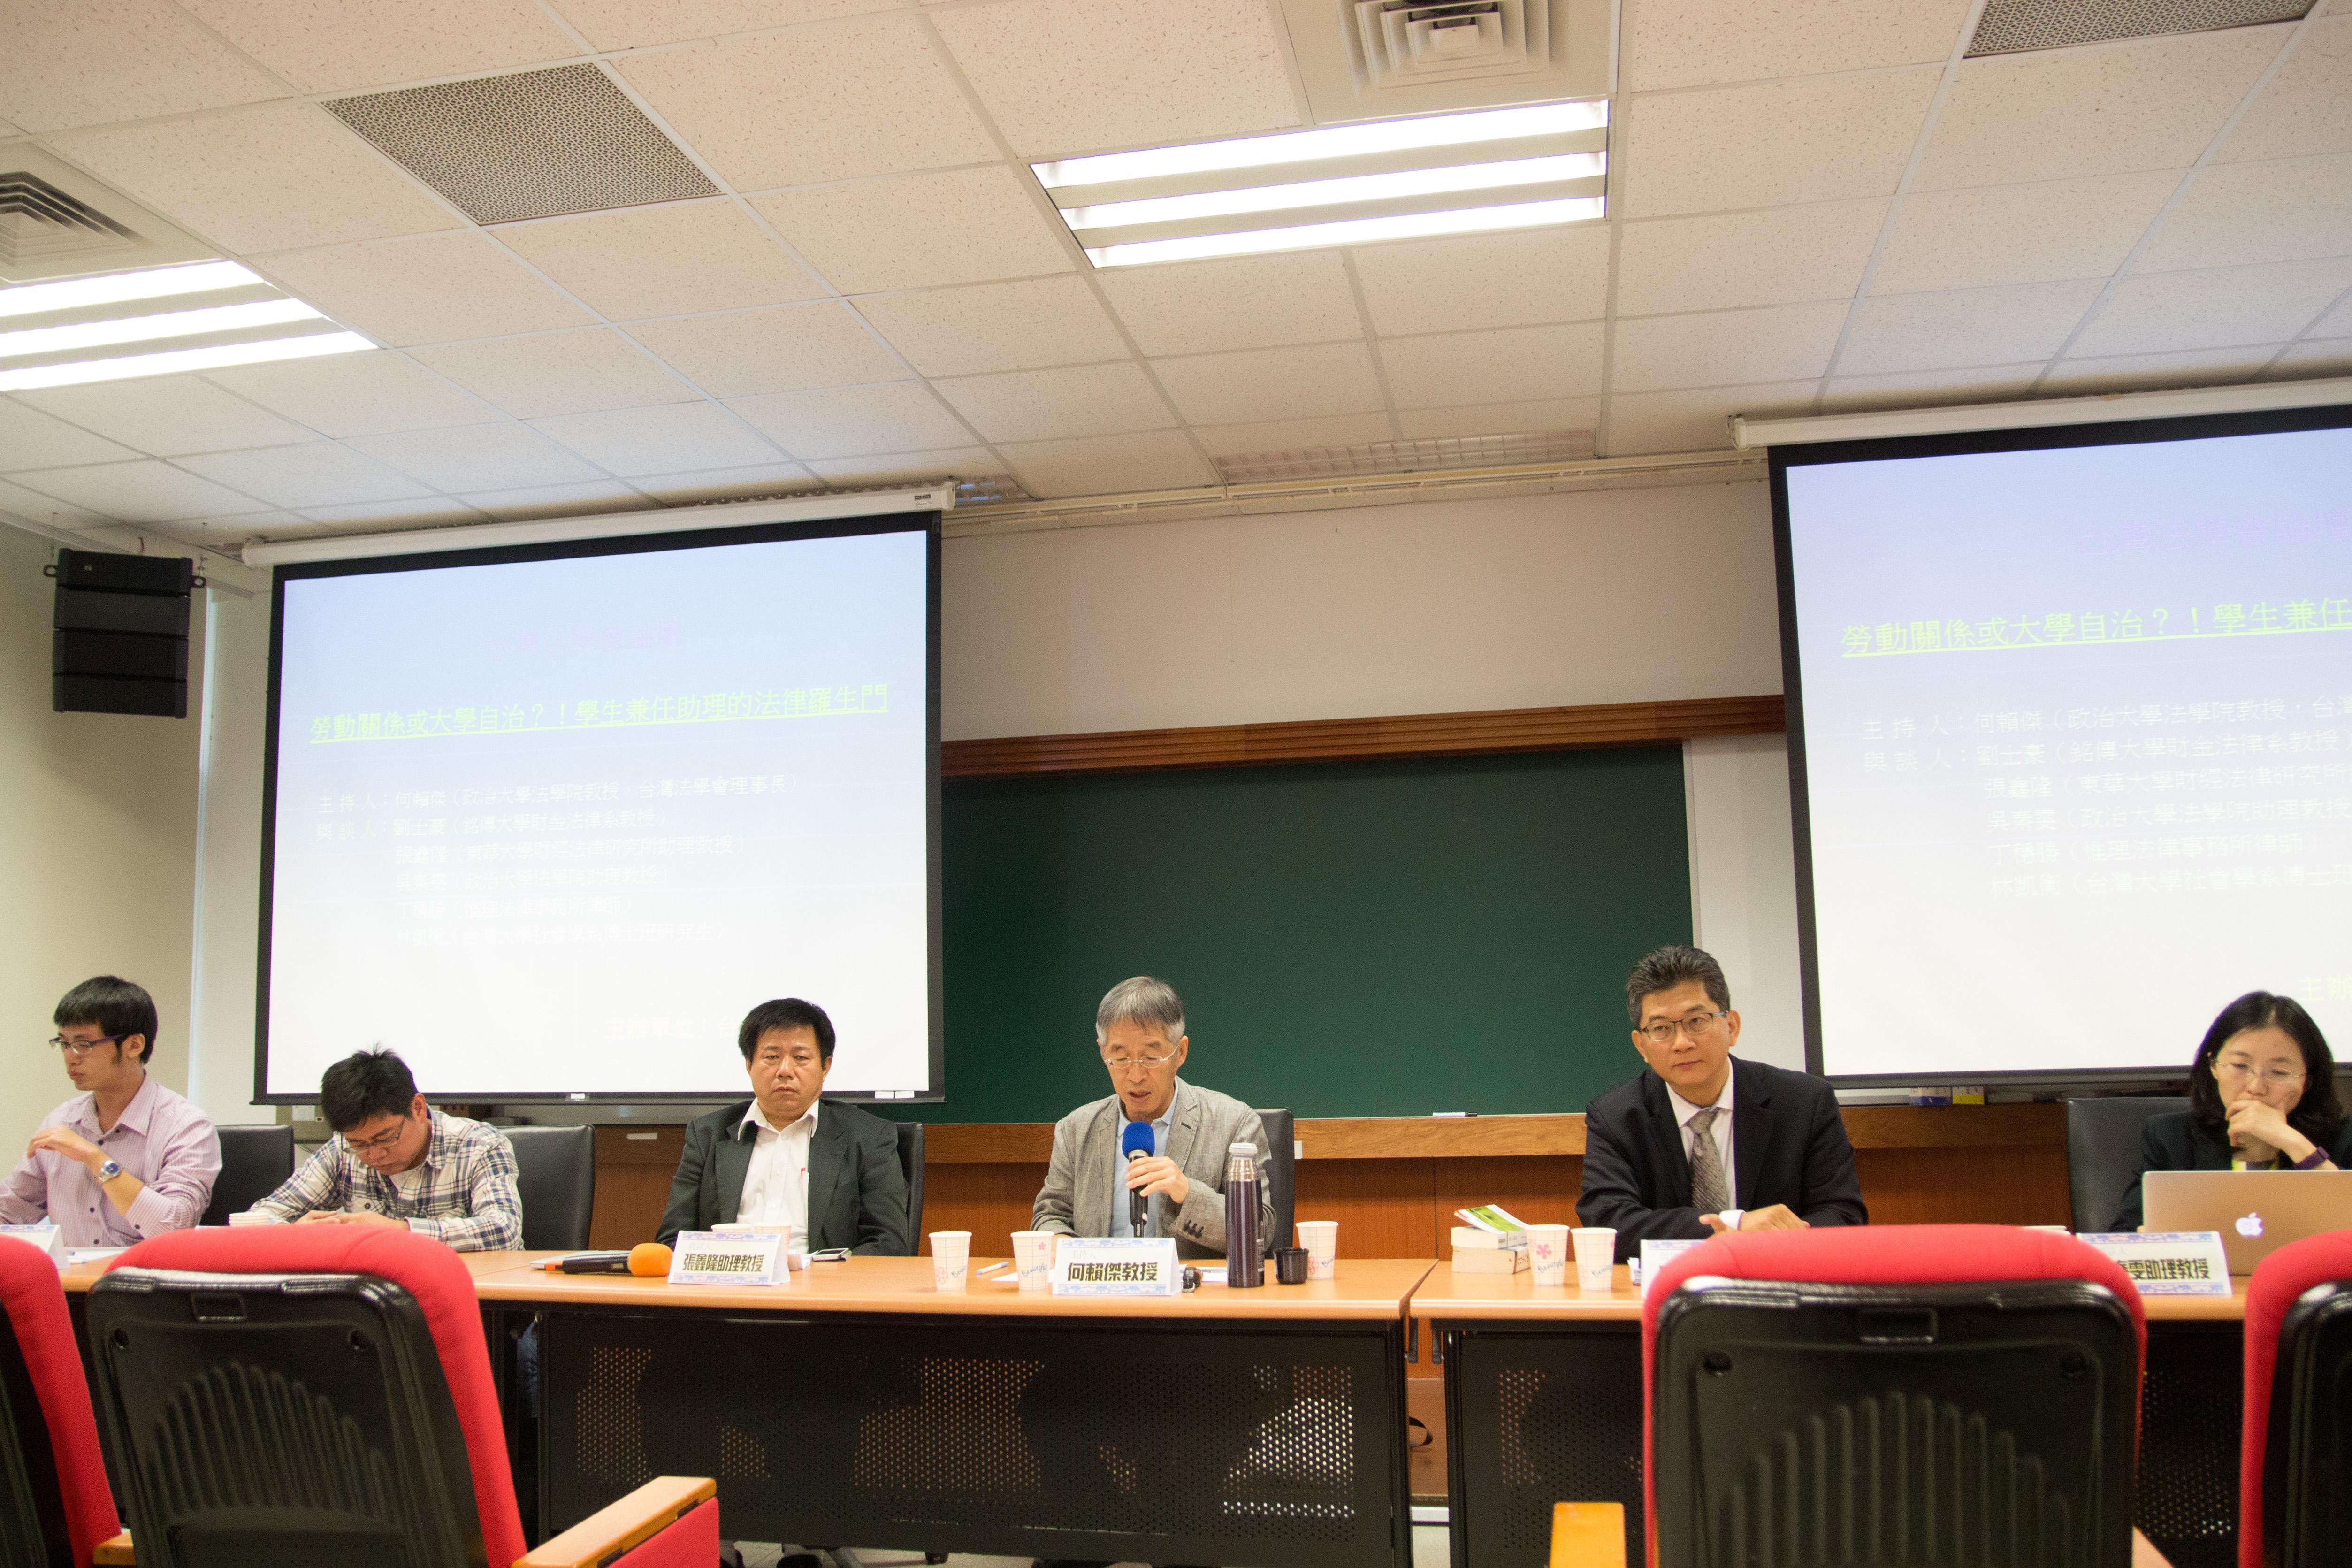 台灣法學會於10月29日針對成功大學助理訴願案舉辦論壇。 圖/張方慈攝